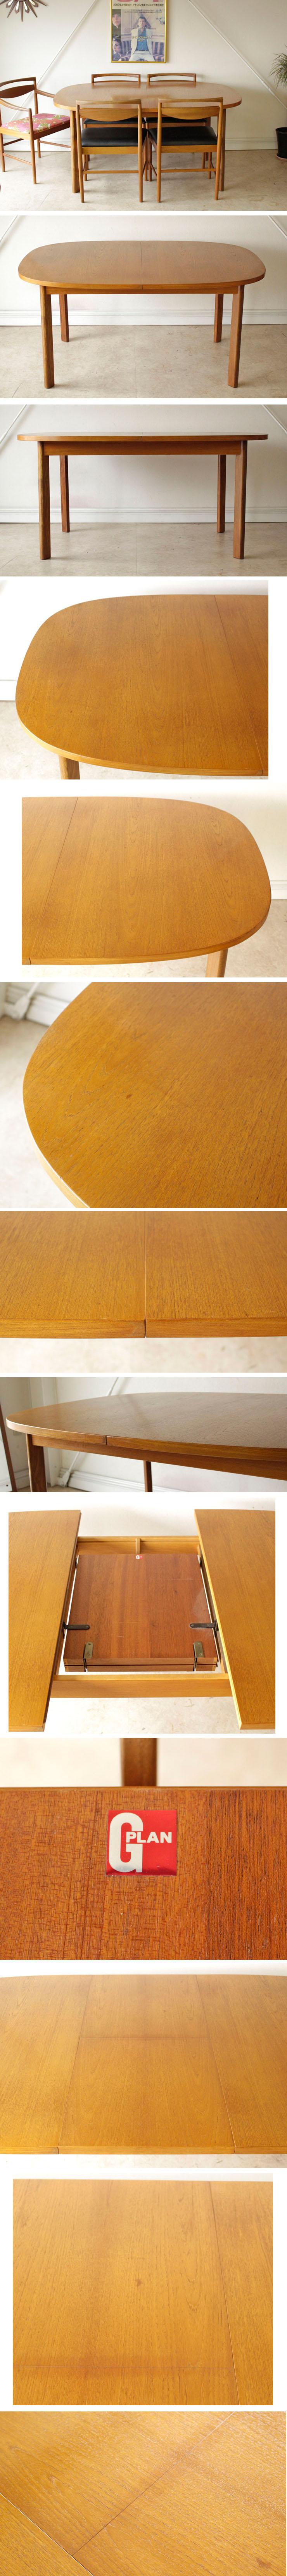 ジープラン・G-plan・ダイニングテーブル・エクステンション・オーバル・ビンテージ・アンティーク・北欧